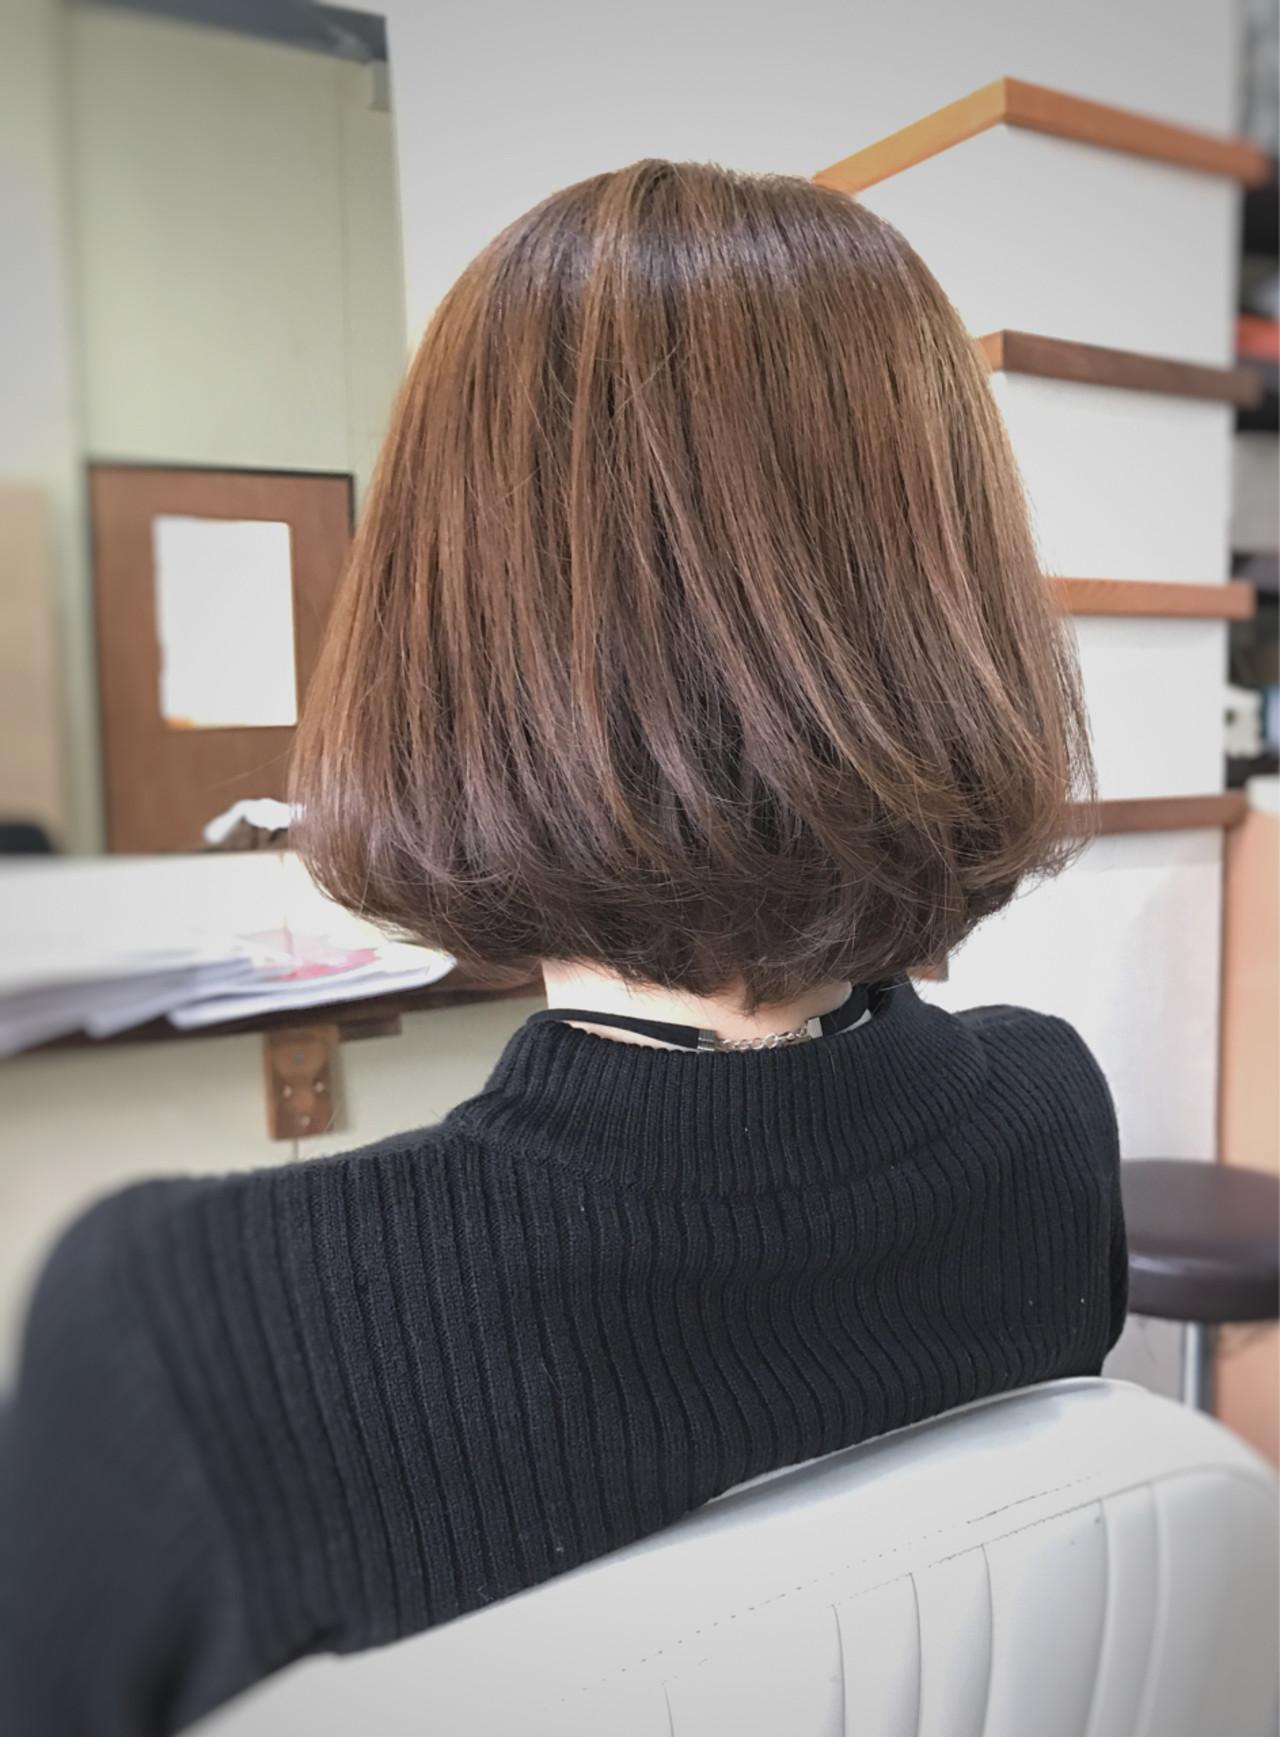 ヘアアレンジ ショートボブ ショート こなれ感 ヘアスタイルや髪型の写真・画像 | サワ / Seamu